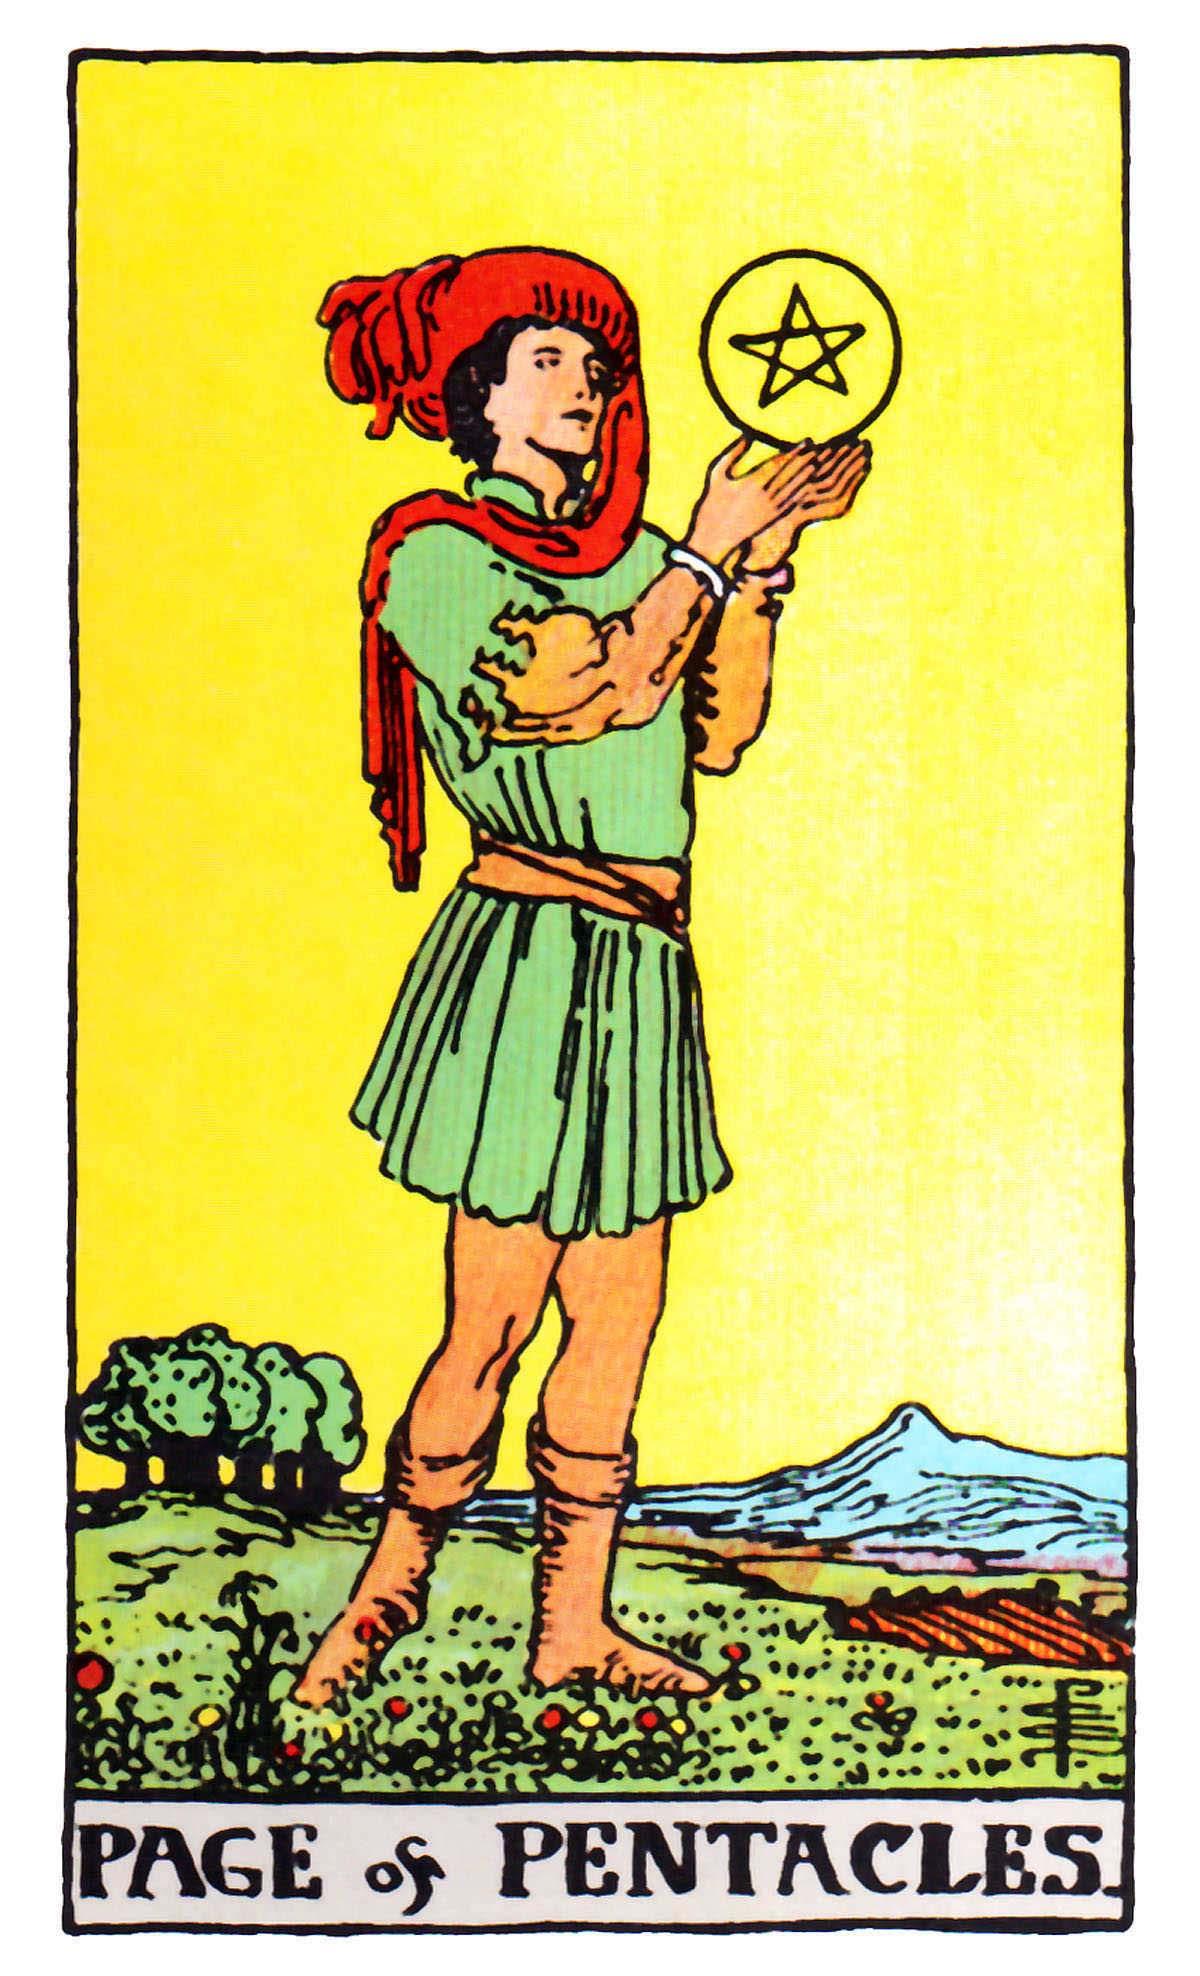 星幣侍者 (金幣/錢幣侍從) Page of Pentacles 塔羅牌牌意